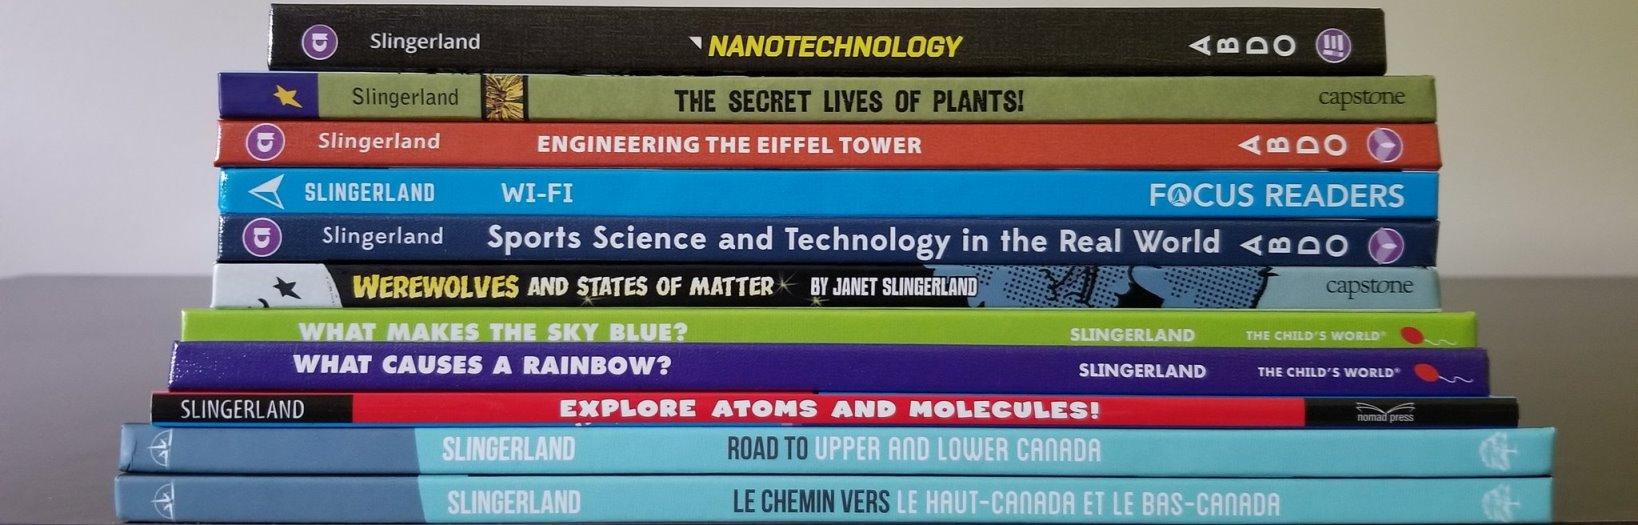 My Books Janet Slingerland